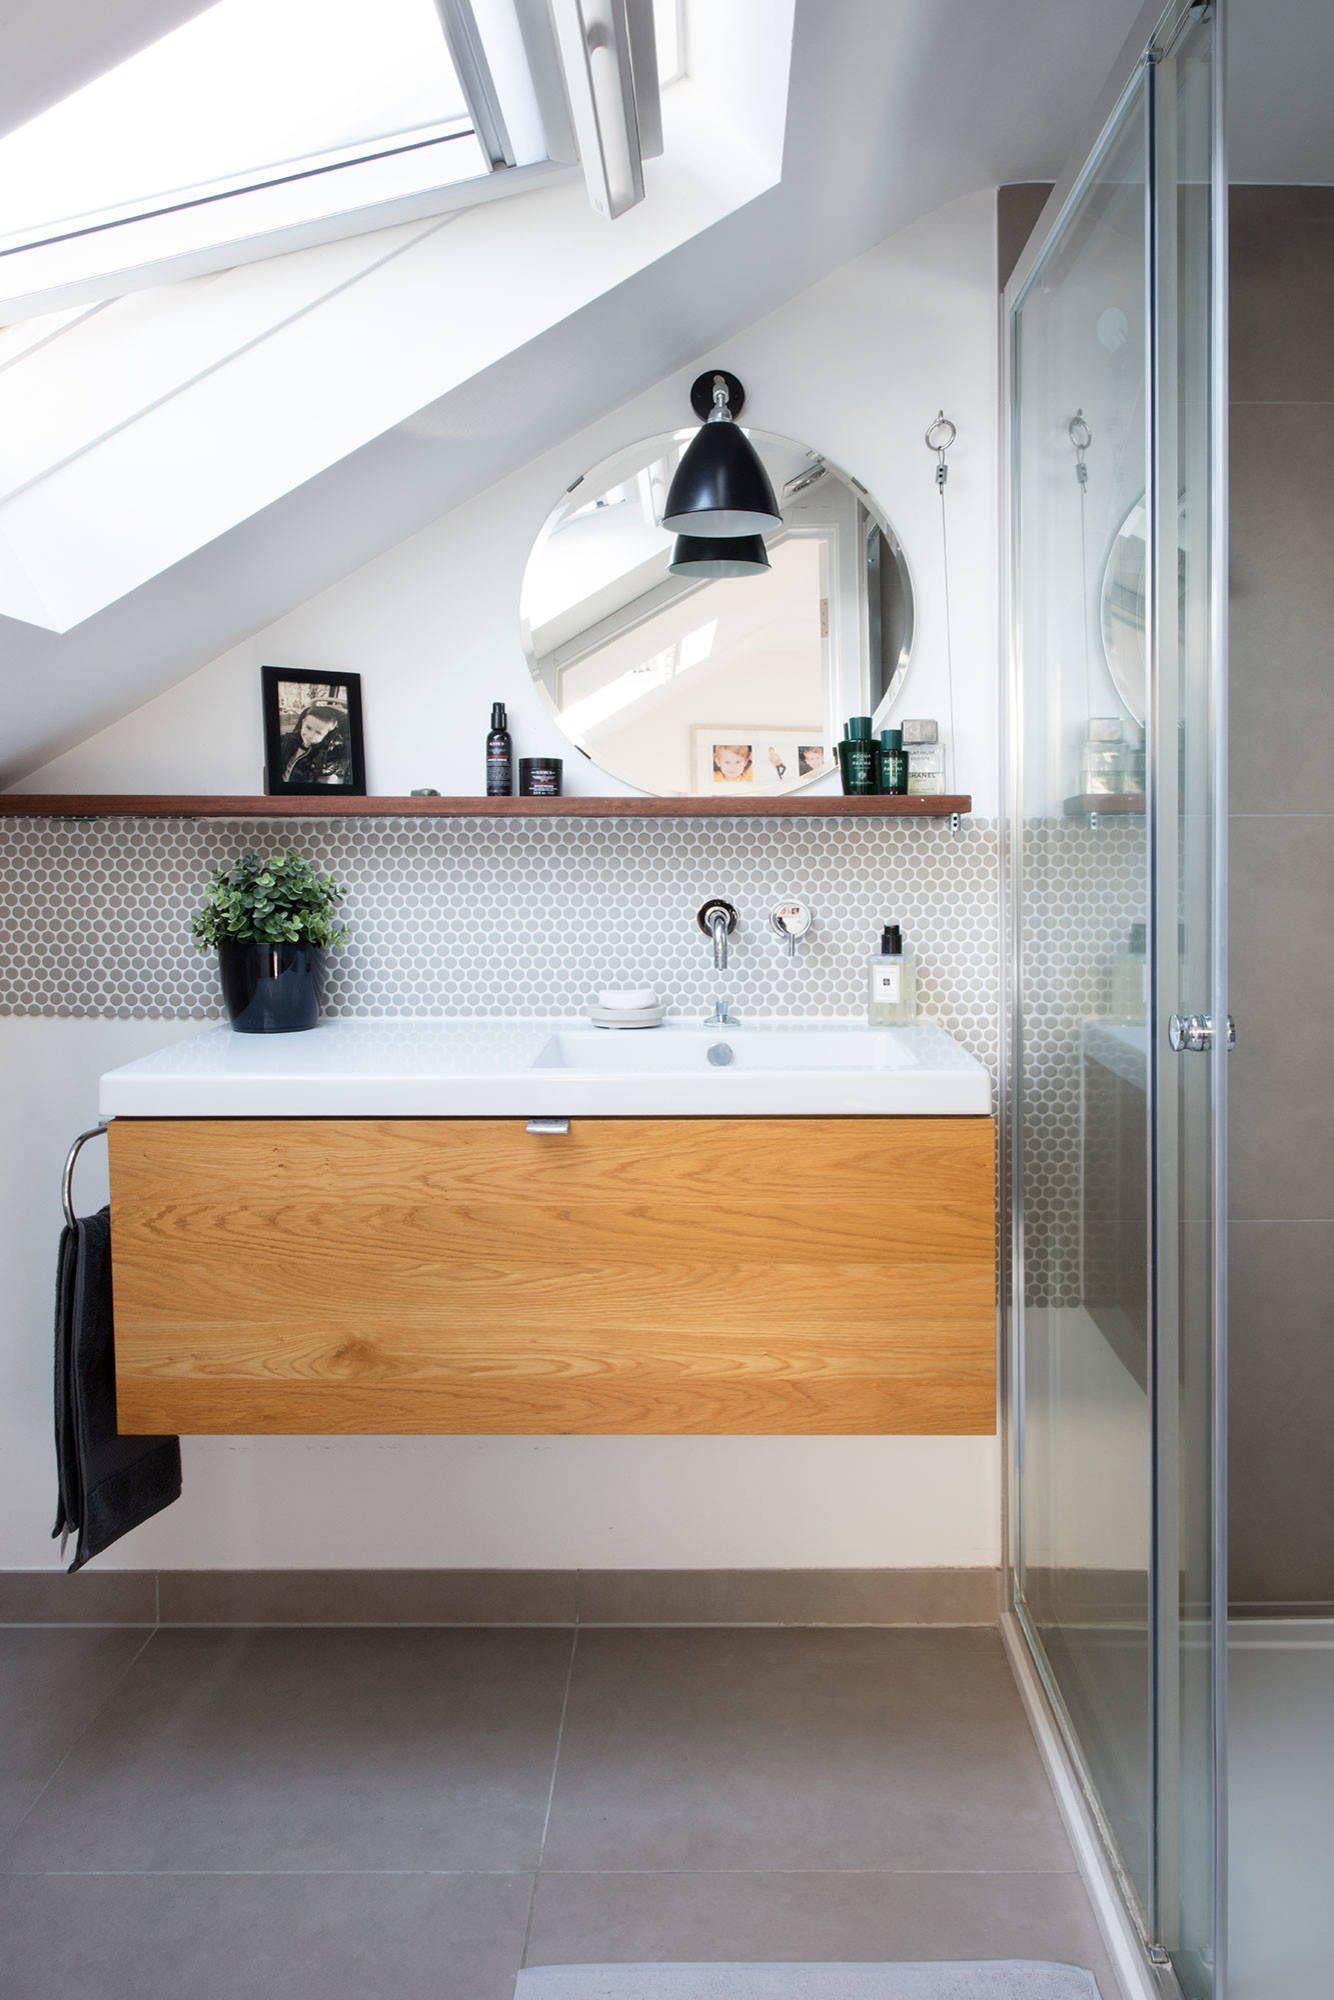 100 Schone Badezimmer Die Ihnen Helfen Den Spa Status Zu Erreichen Badezimmer Erreichen Helfen Ihnen Sc Badezimmer Schwimmendes Regal Schone Badezimmer